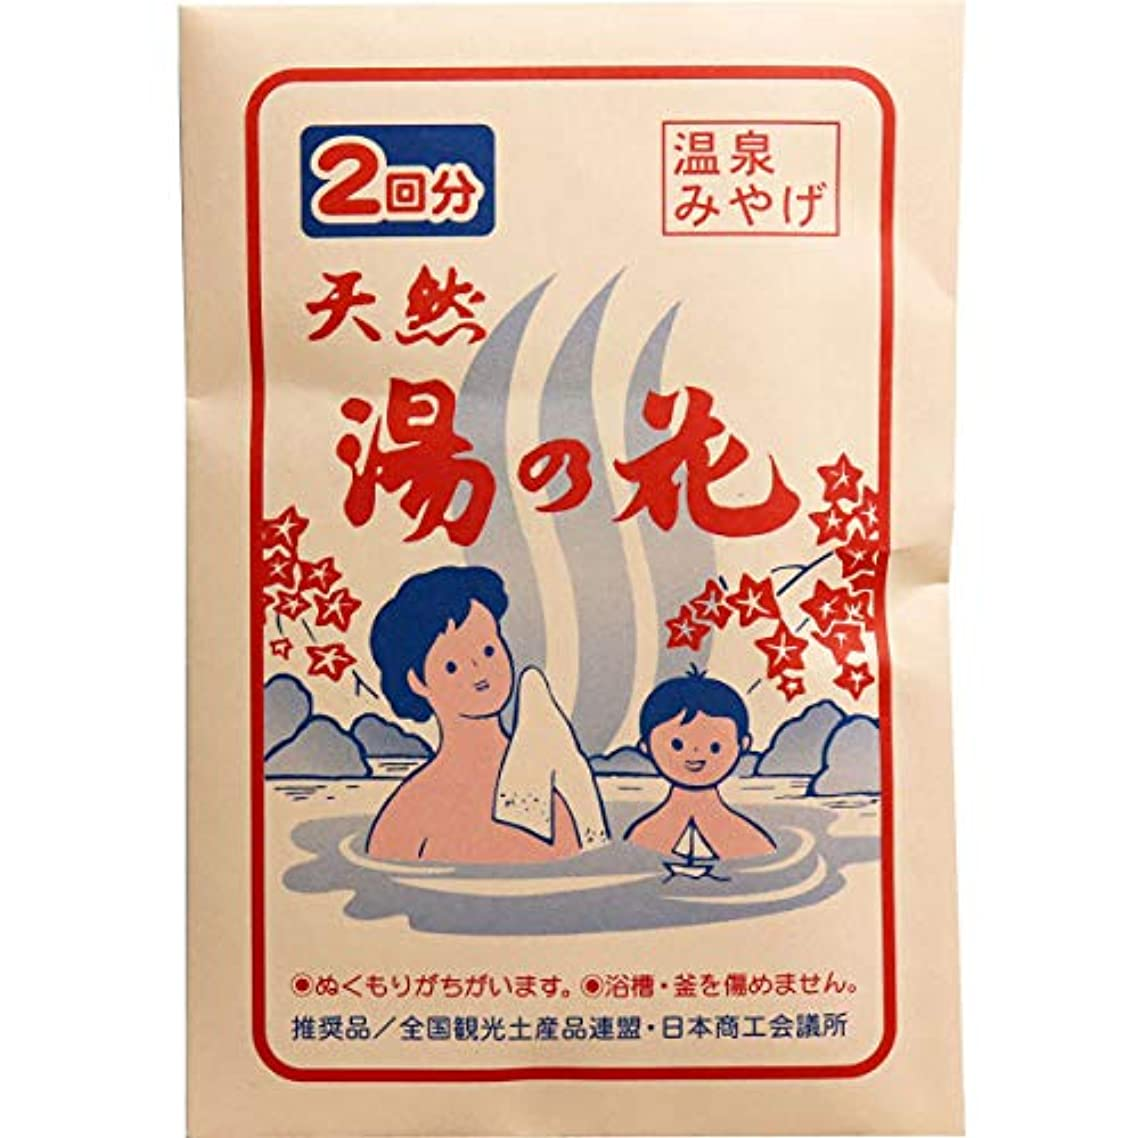 職業段落保全天然湯の花 小袋分包2回分 KA-2 15g×2包入